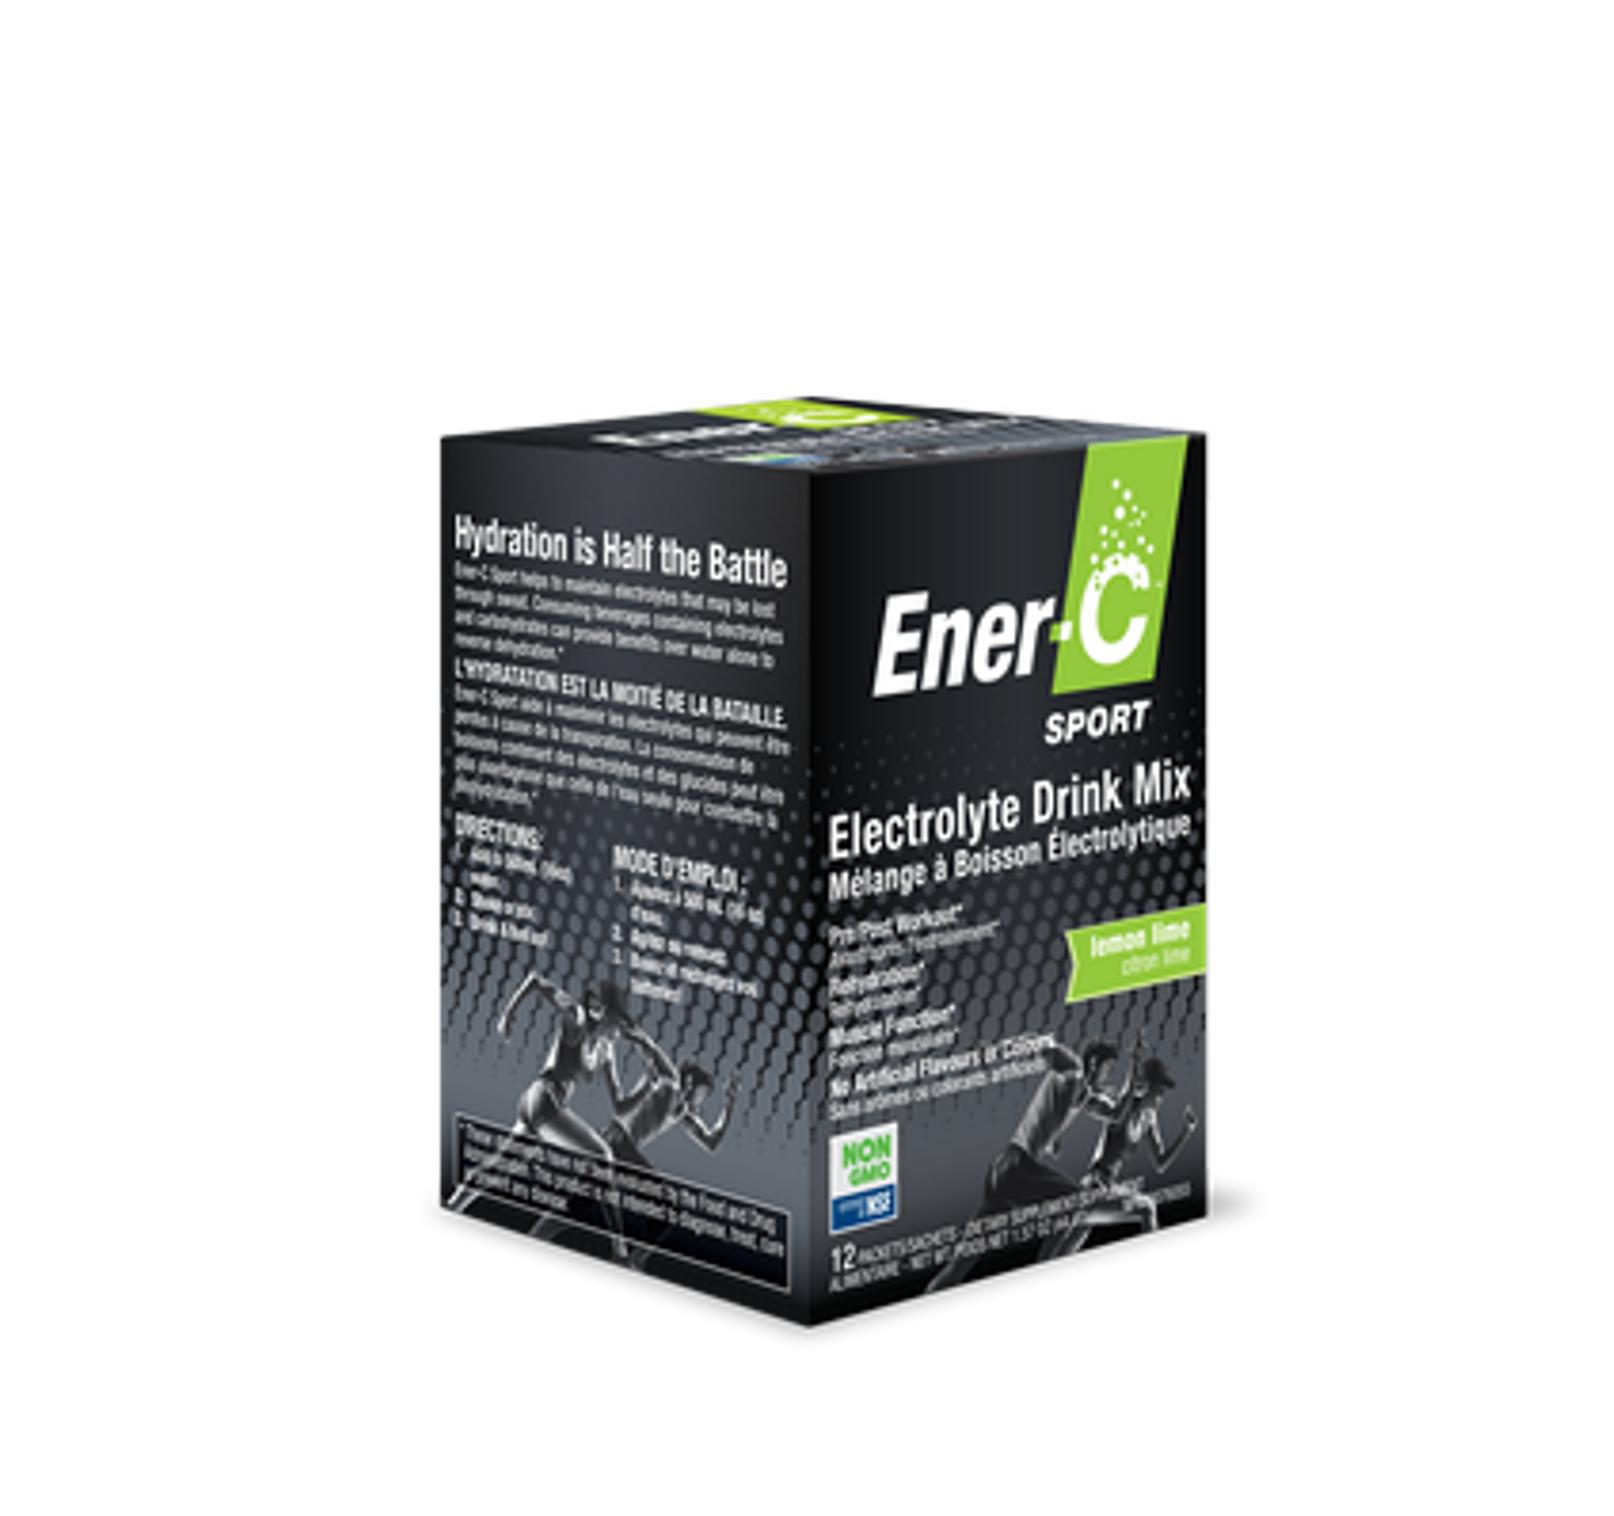 Ener-C Sport Electrolyte Drink Mix - Lemon Lime 12 packs